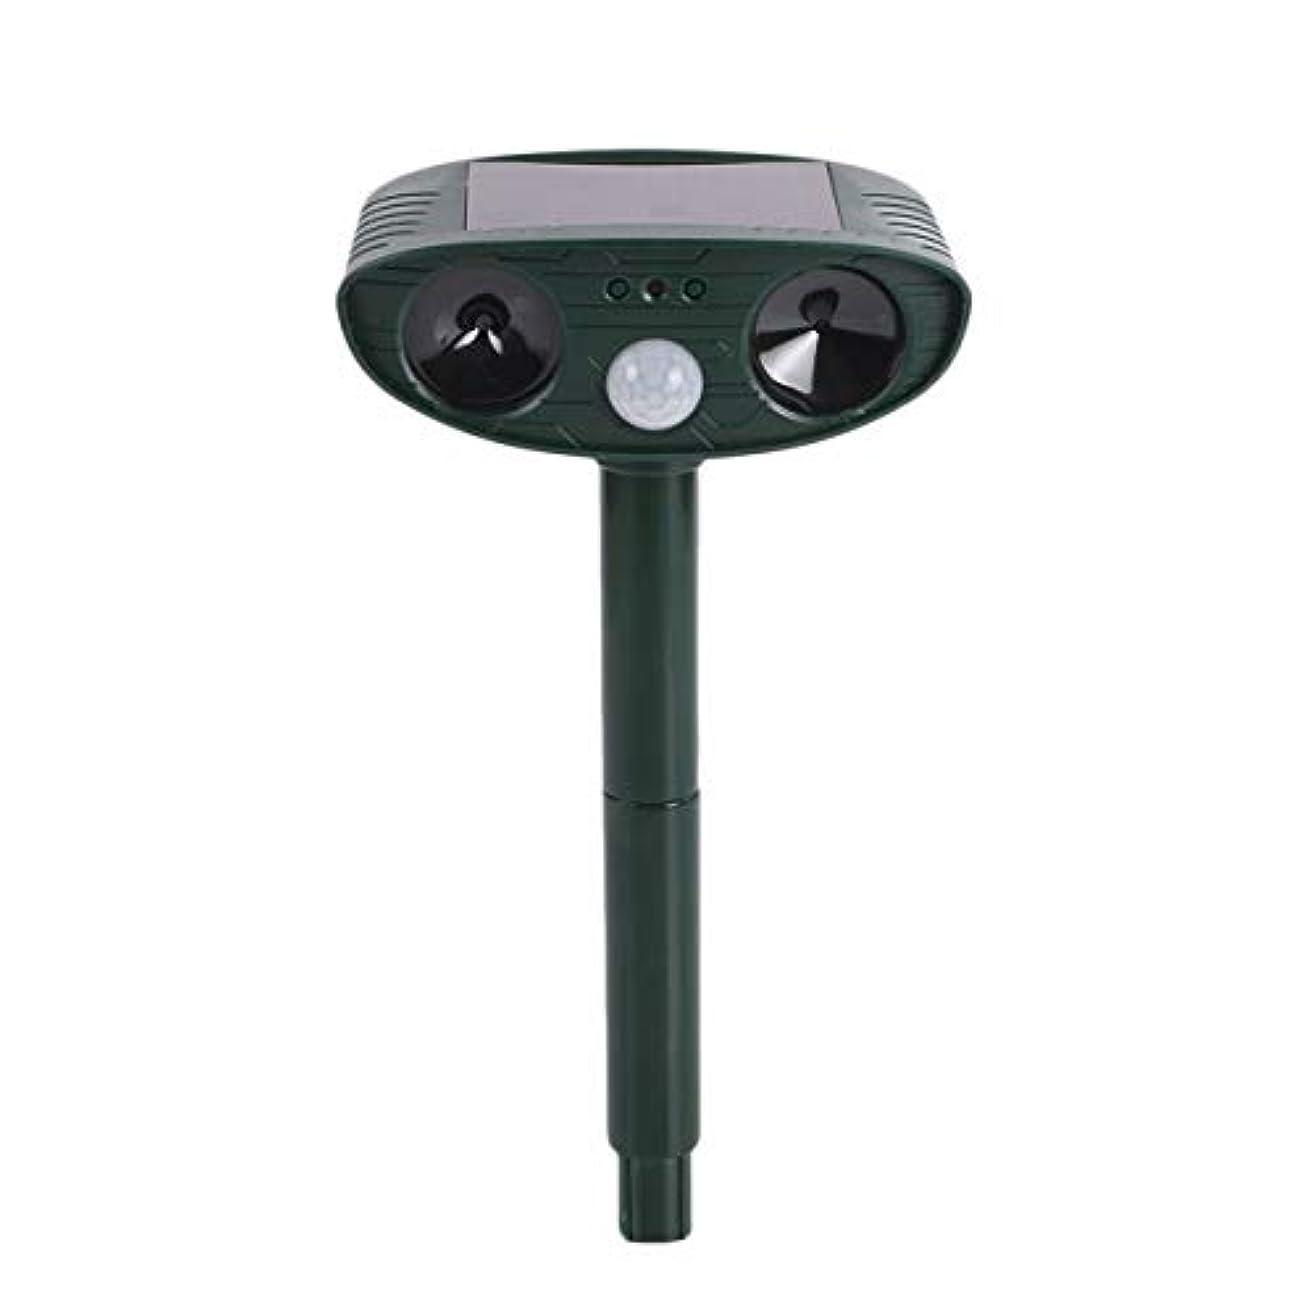 引き算電池鏡Saikogoods 屋外ガーデニングのための動物の超音波猫犬のリペラ怖がら動物511を活性化したソーラーモーション 黒